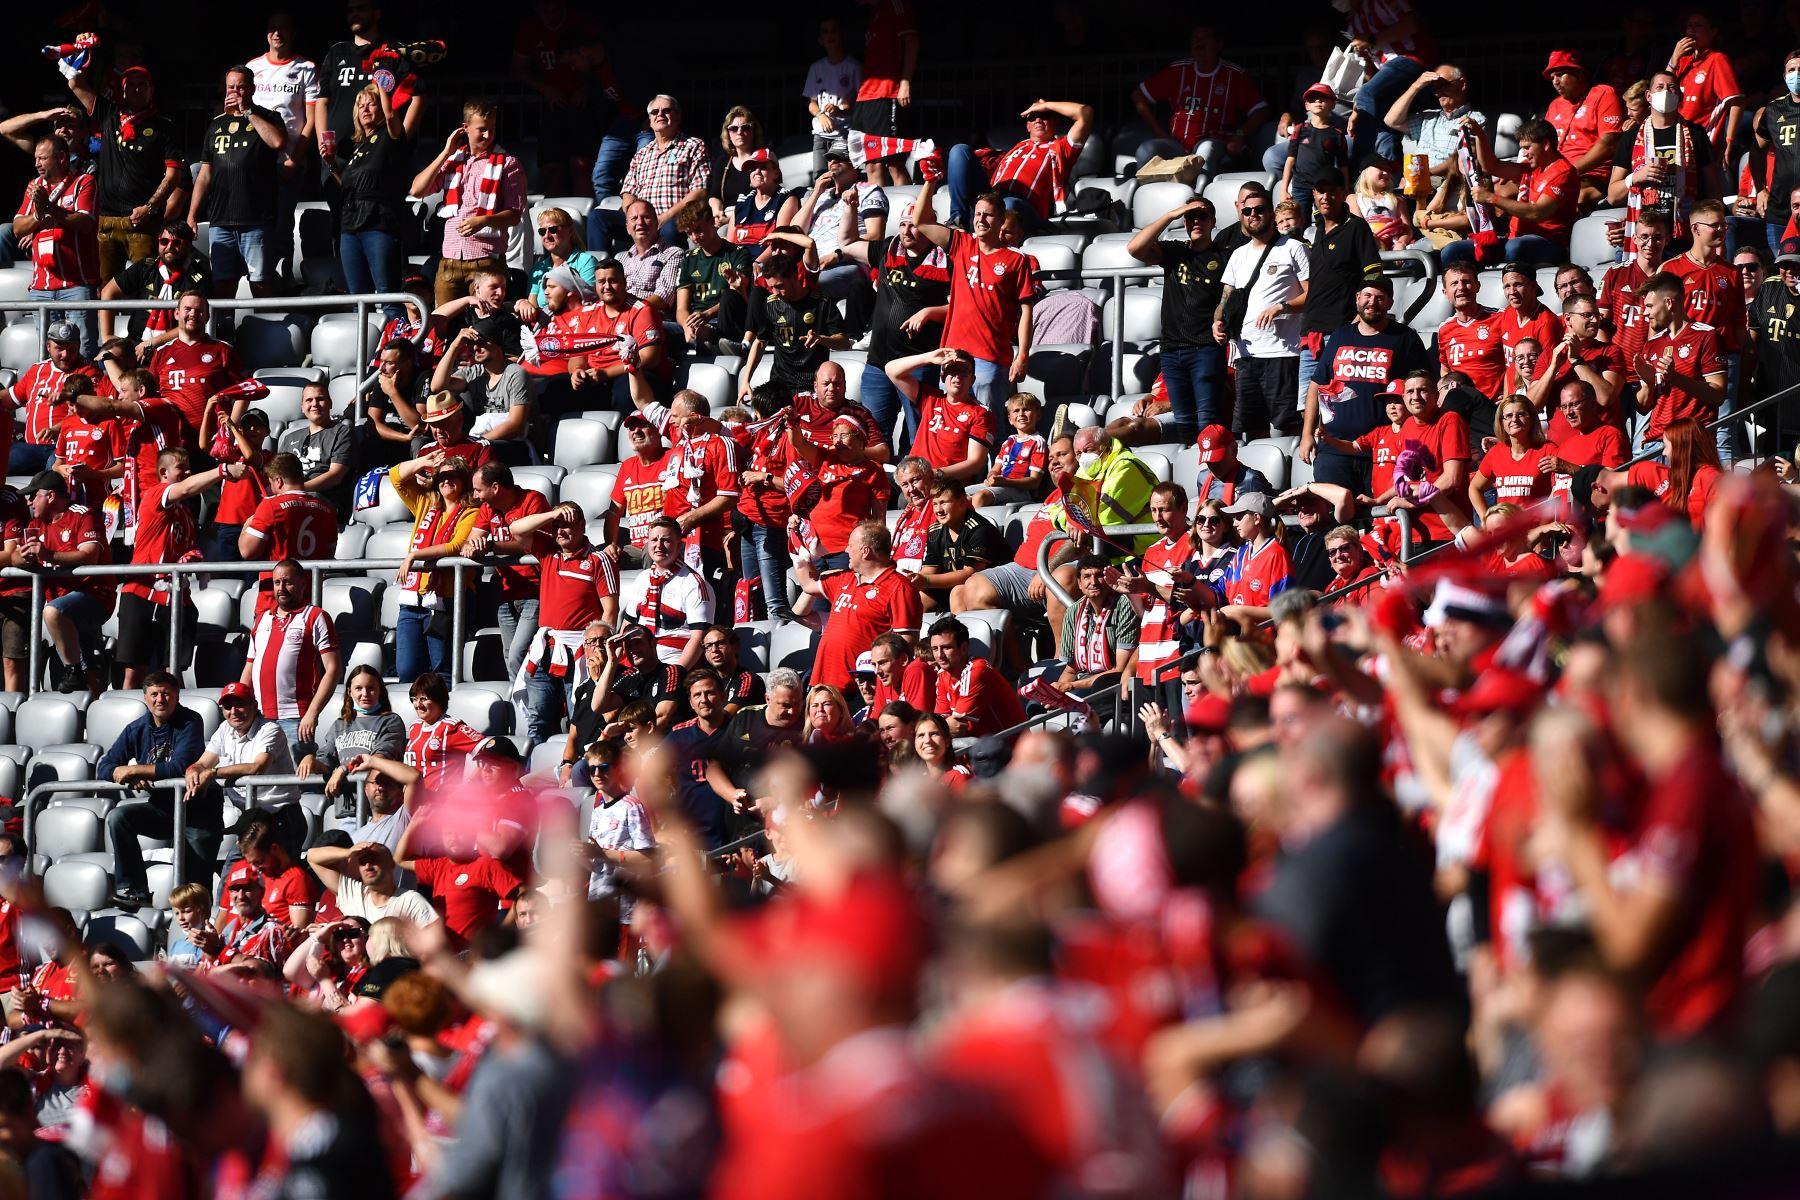 Los hinchas del Bayern Munich celebran durante el partido de la Bundesliga. Foto: EFE